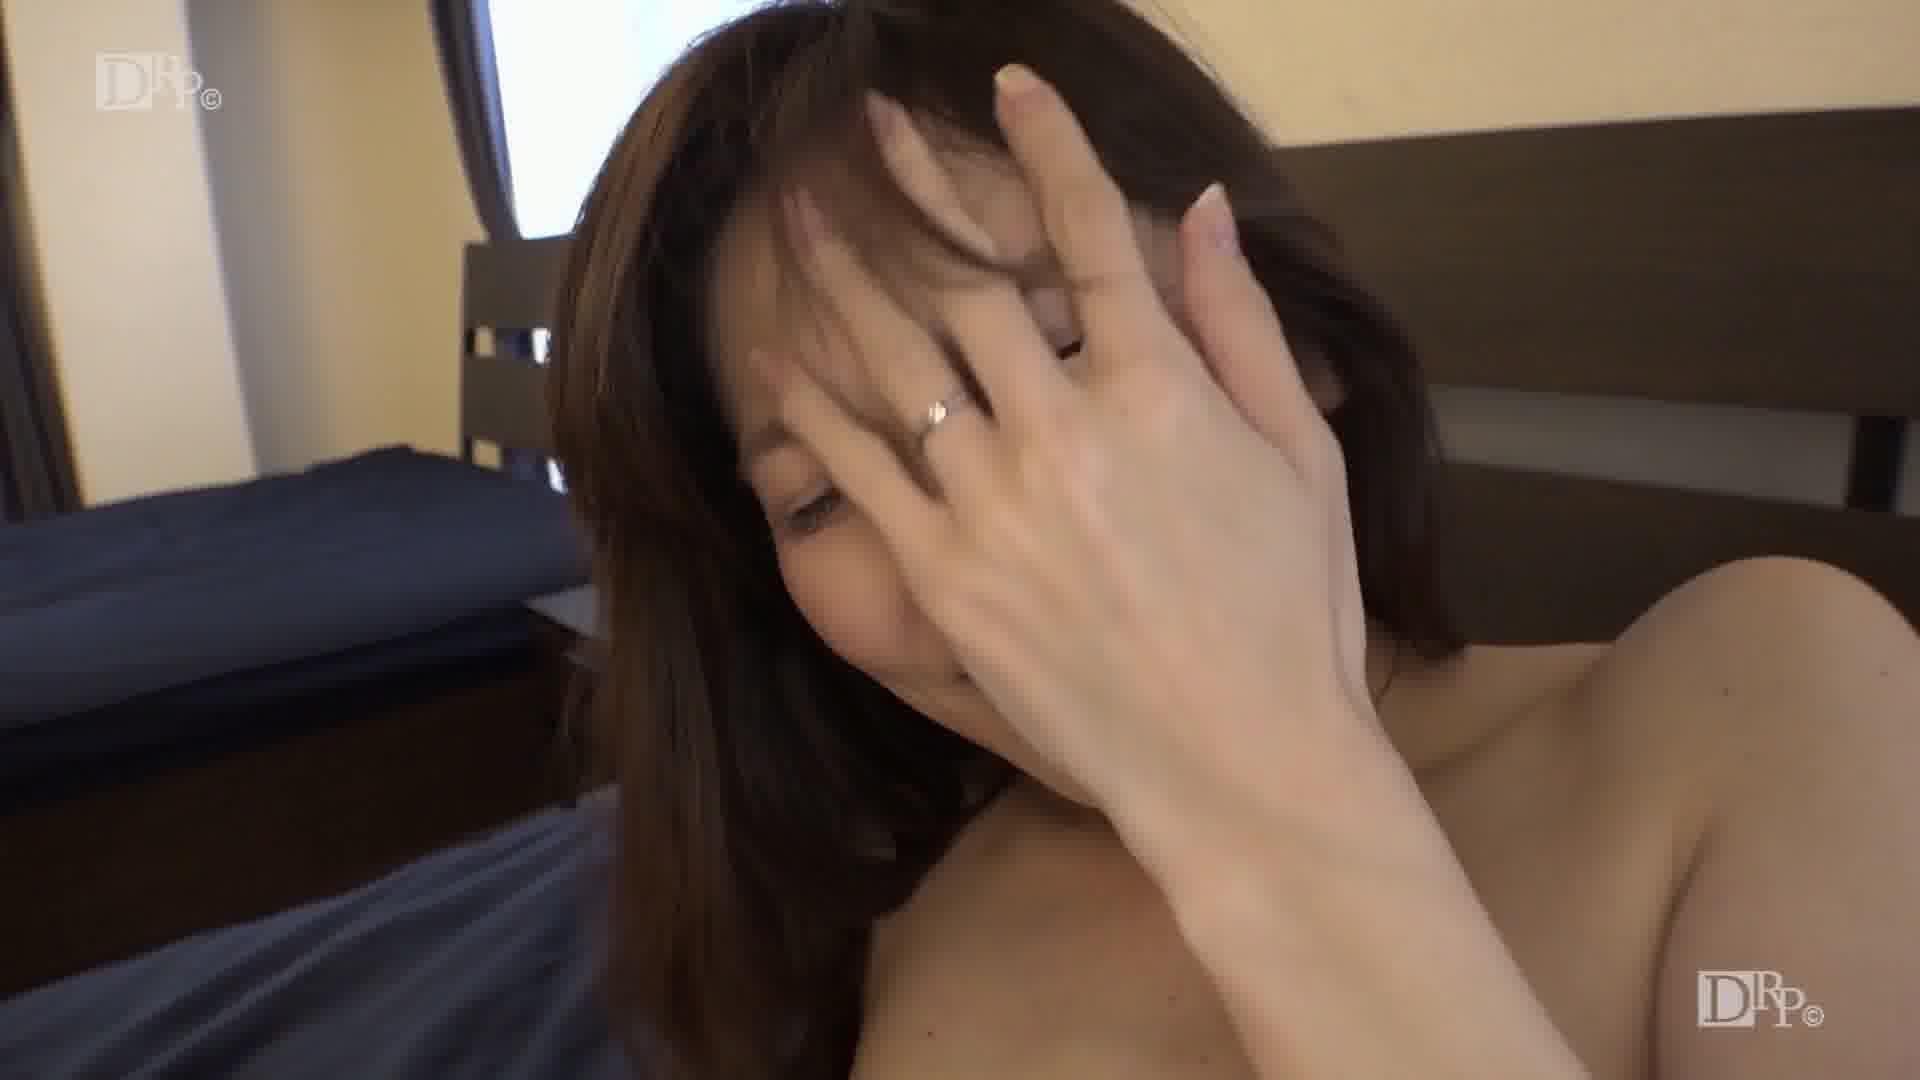 ケツの穴を見られるより恥ずかしいというスッピンを暴露 - 米倉のあ【美乳・スレンダー・中出し】